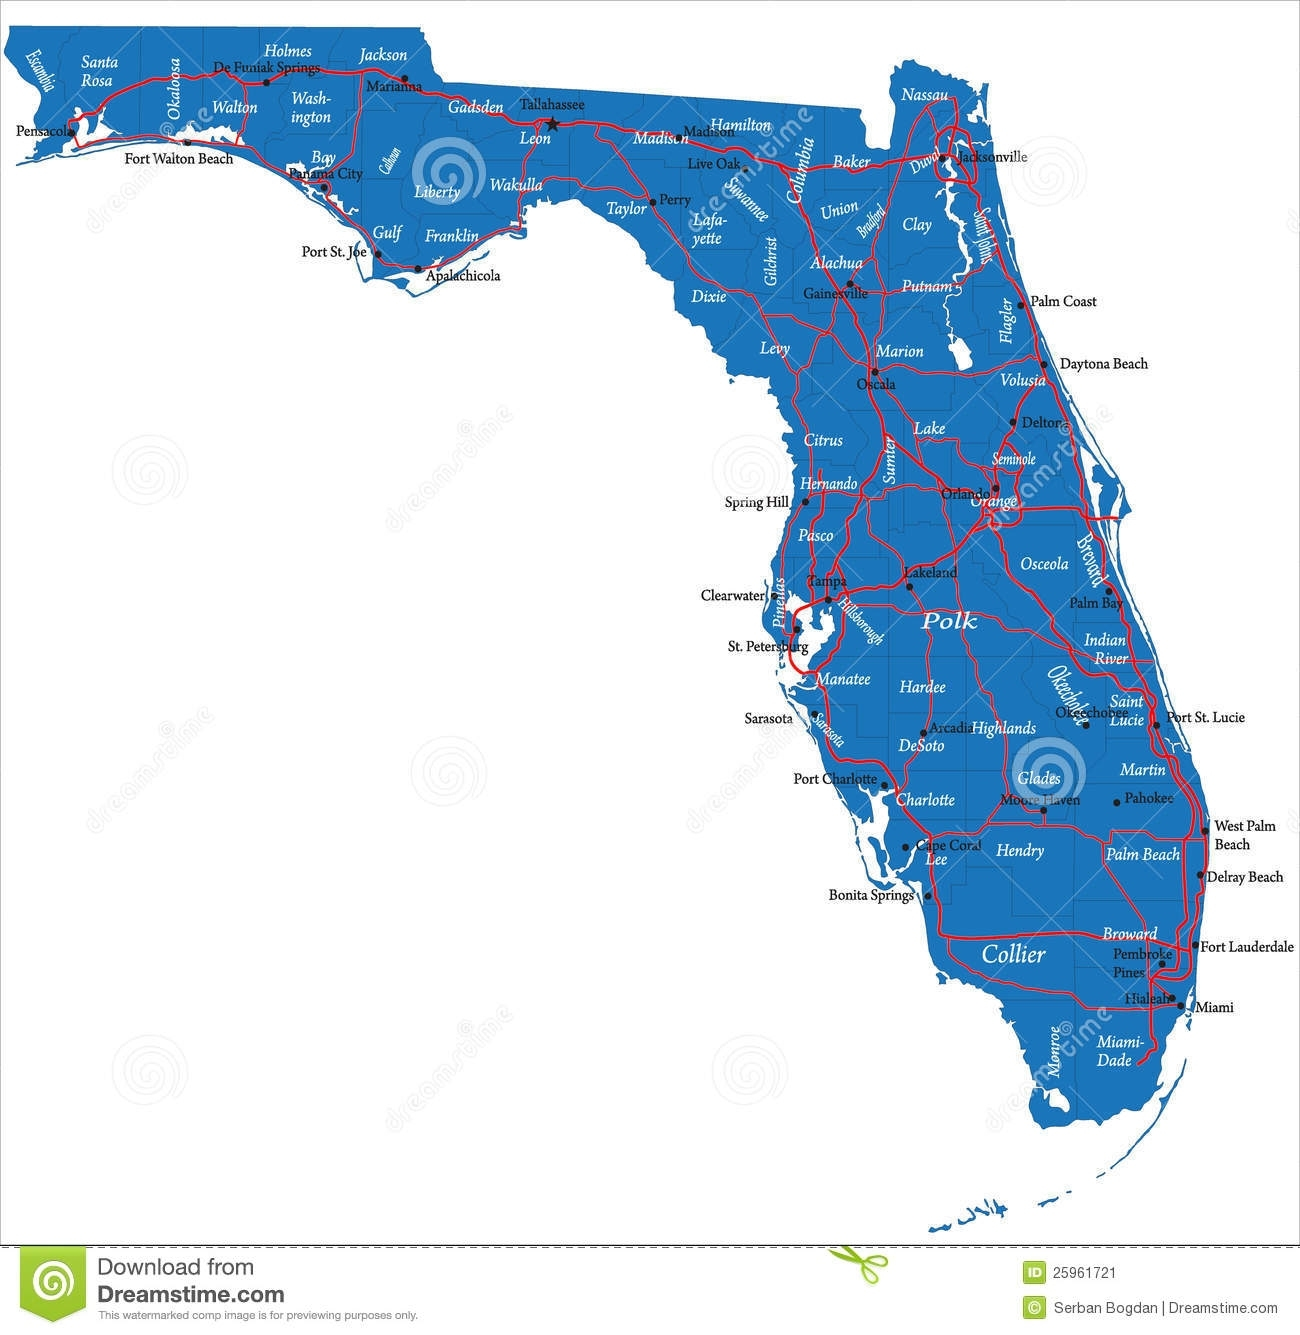 Mapa De Florida Imagem De Stock - Imagem: 25961721 for Mapa Miami La Florida